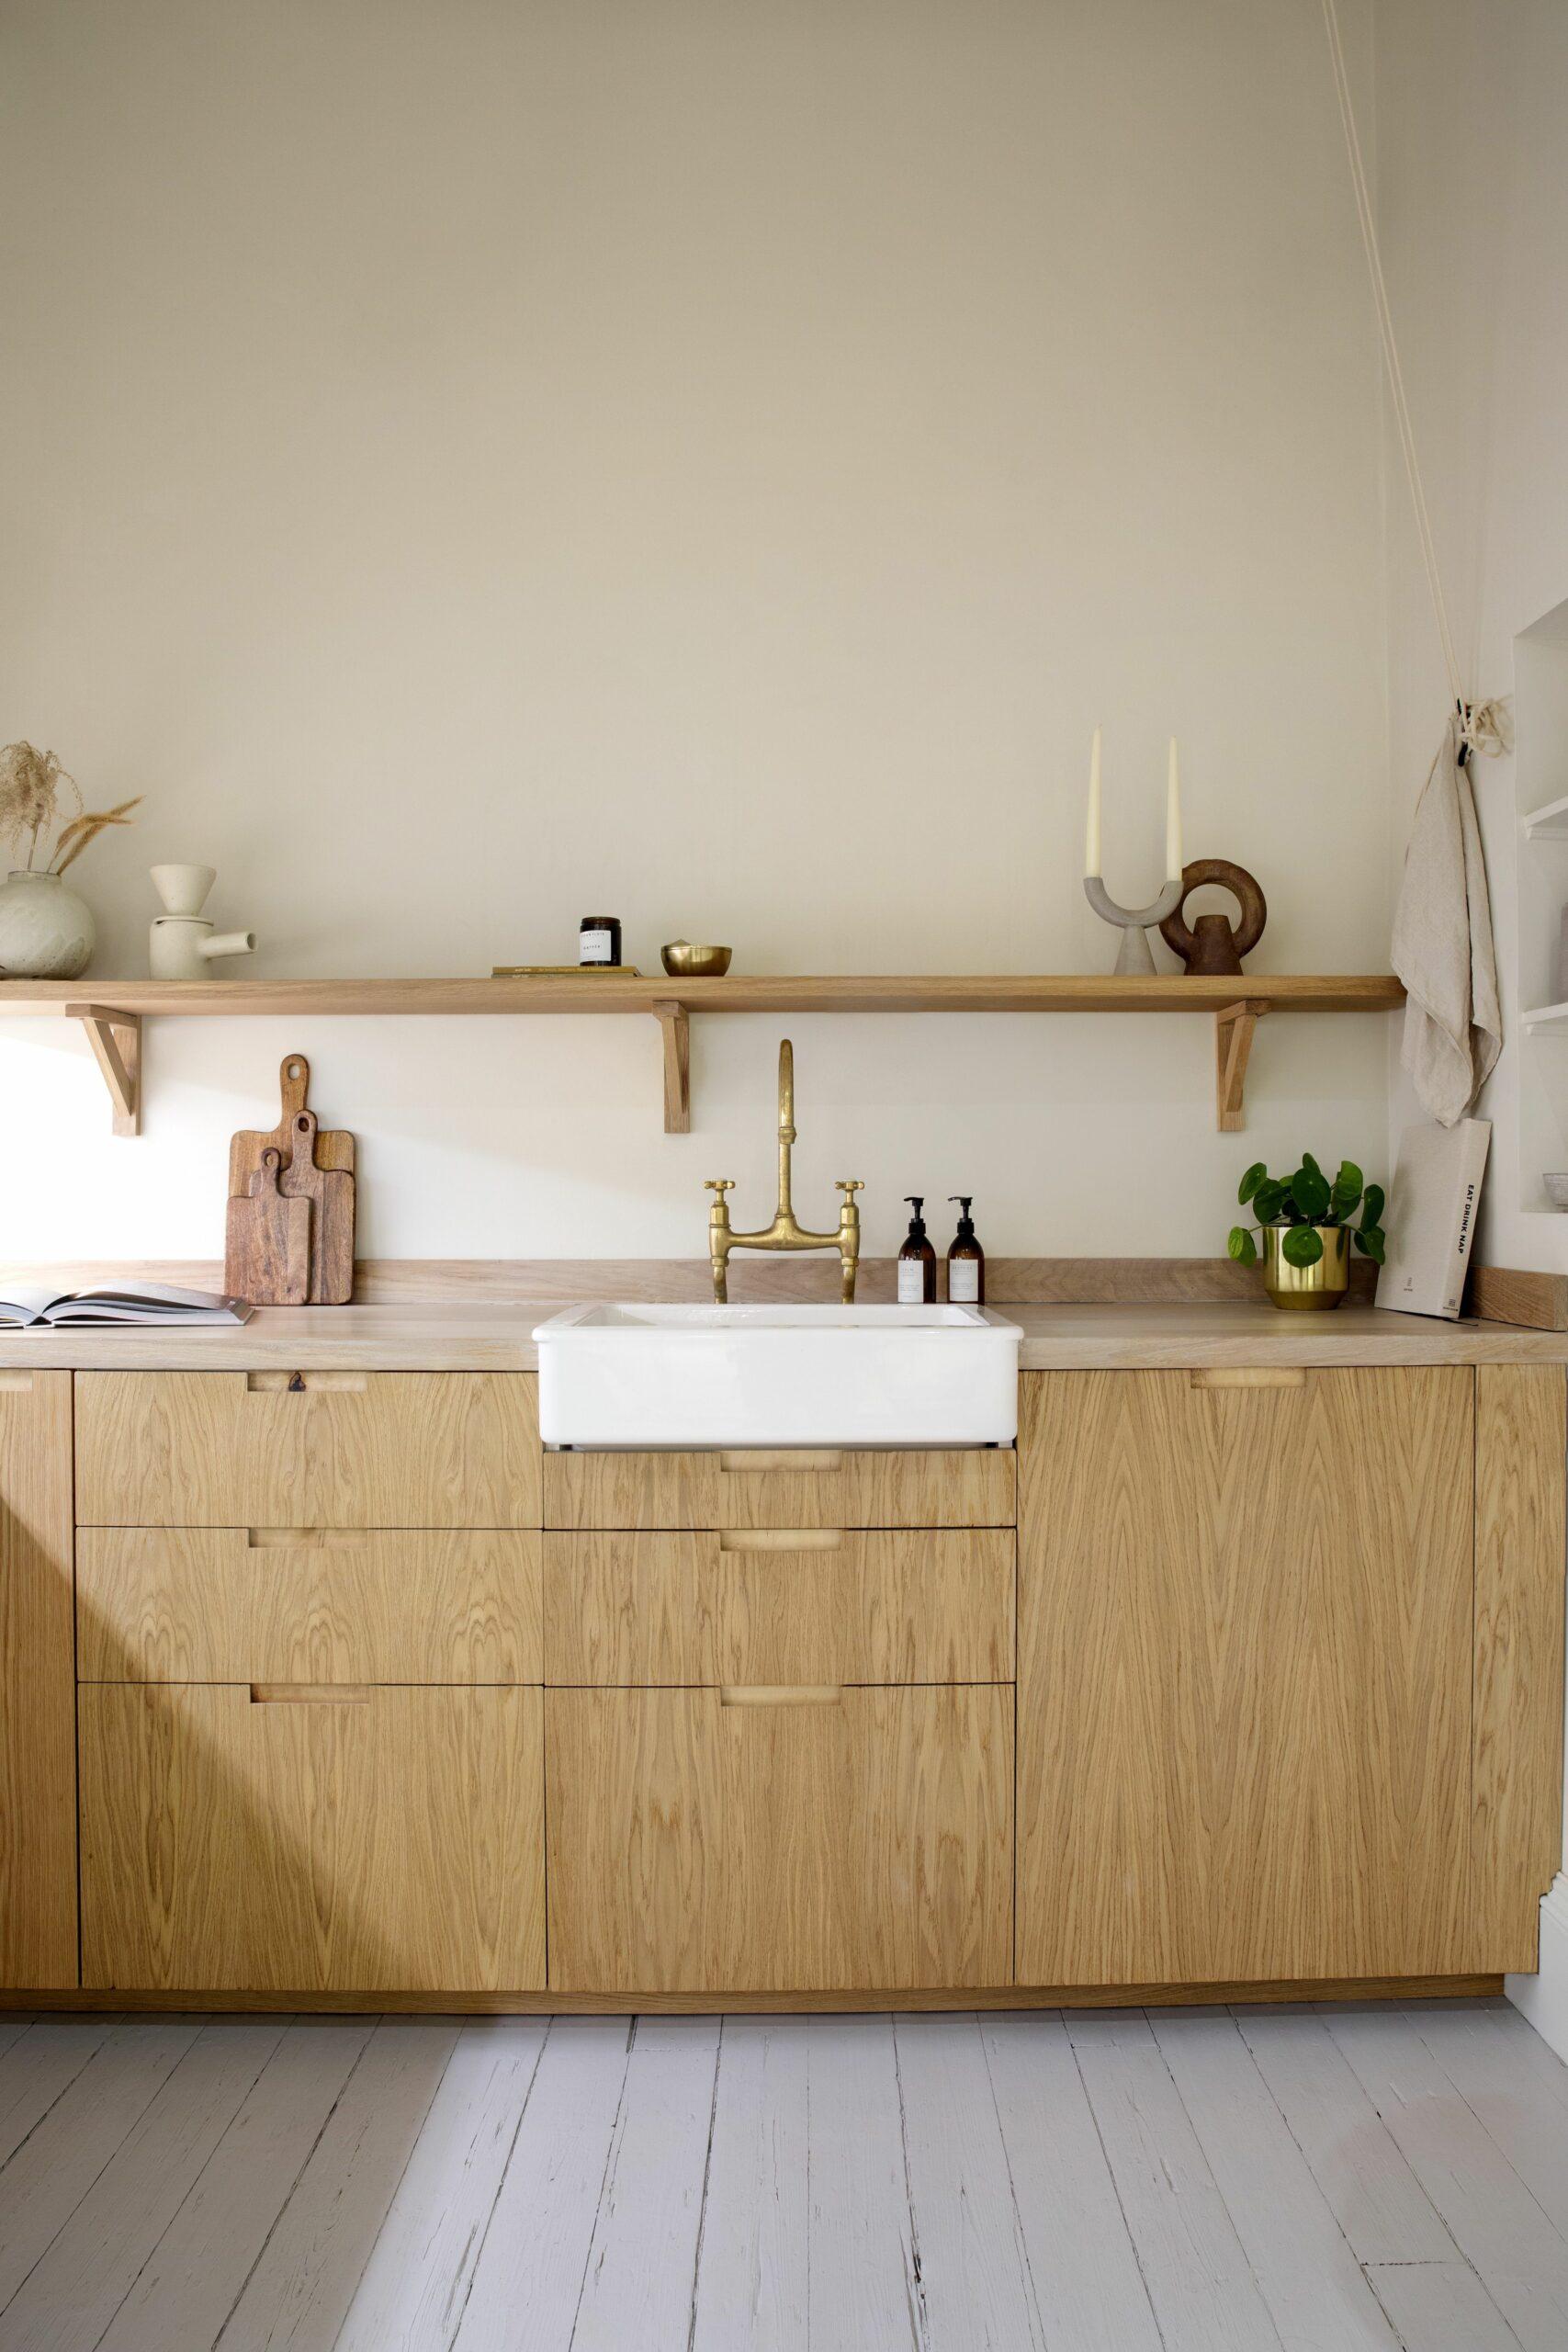 Ikea Kitchens Uk 2020